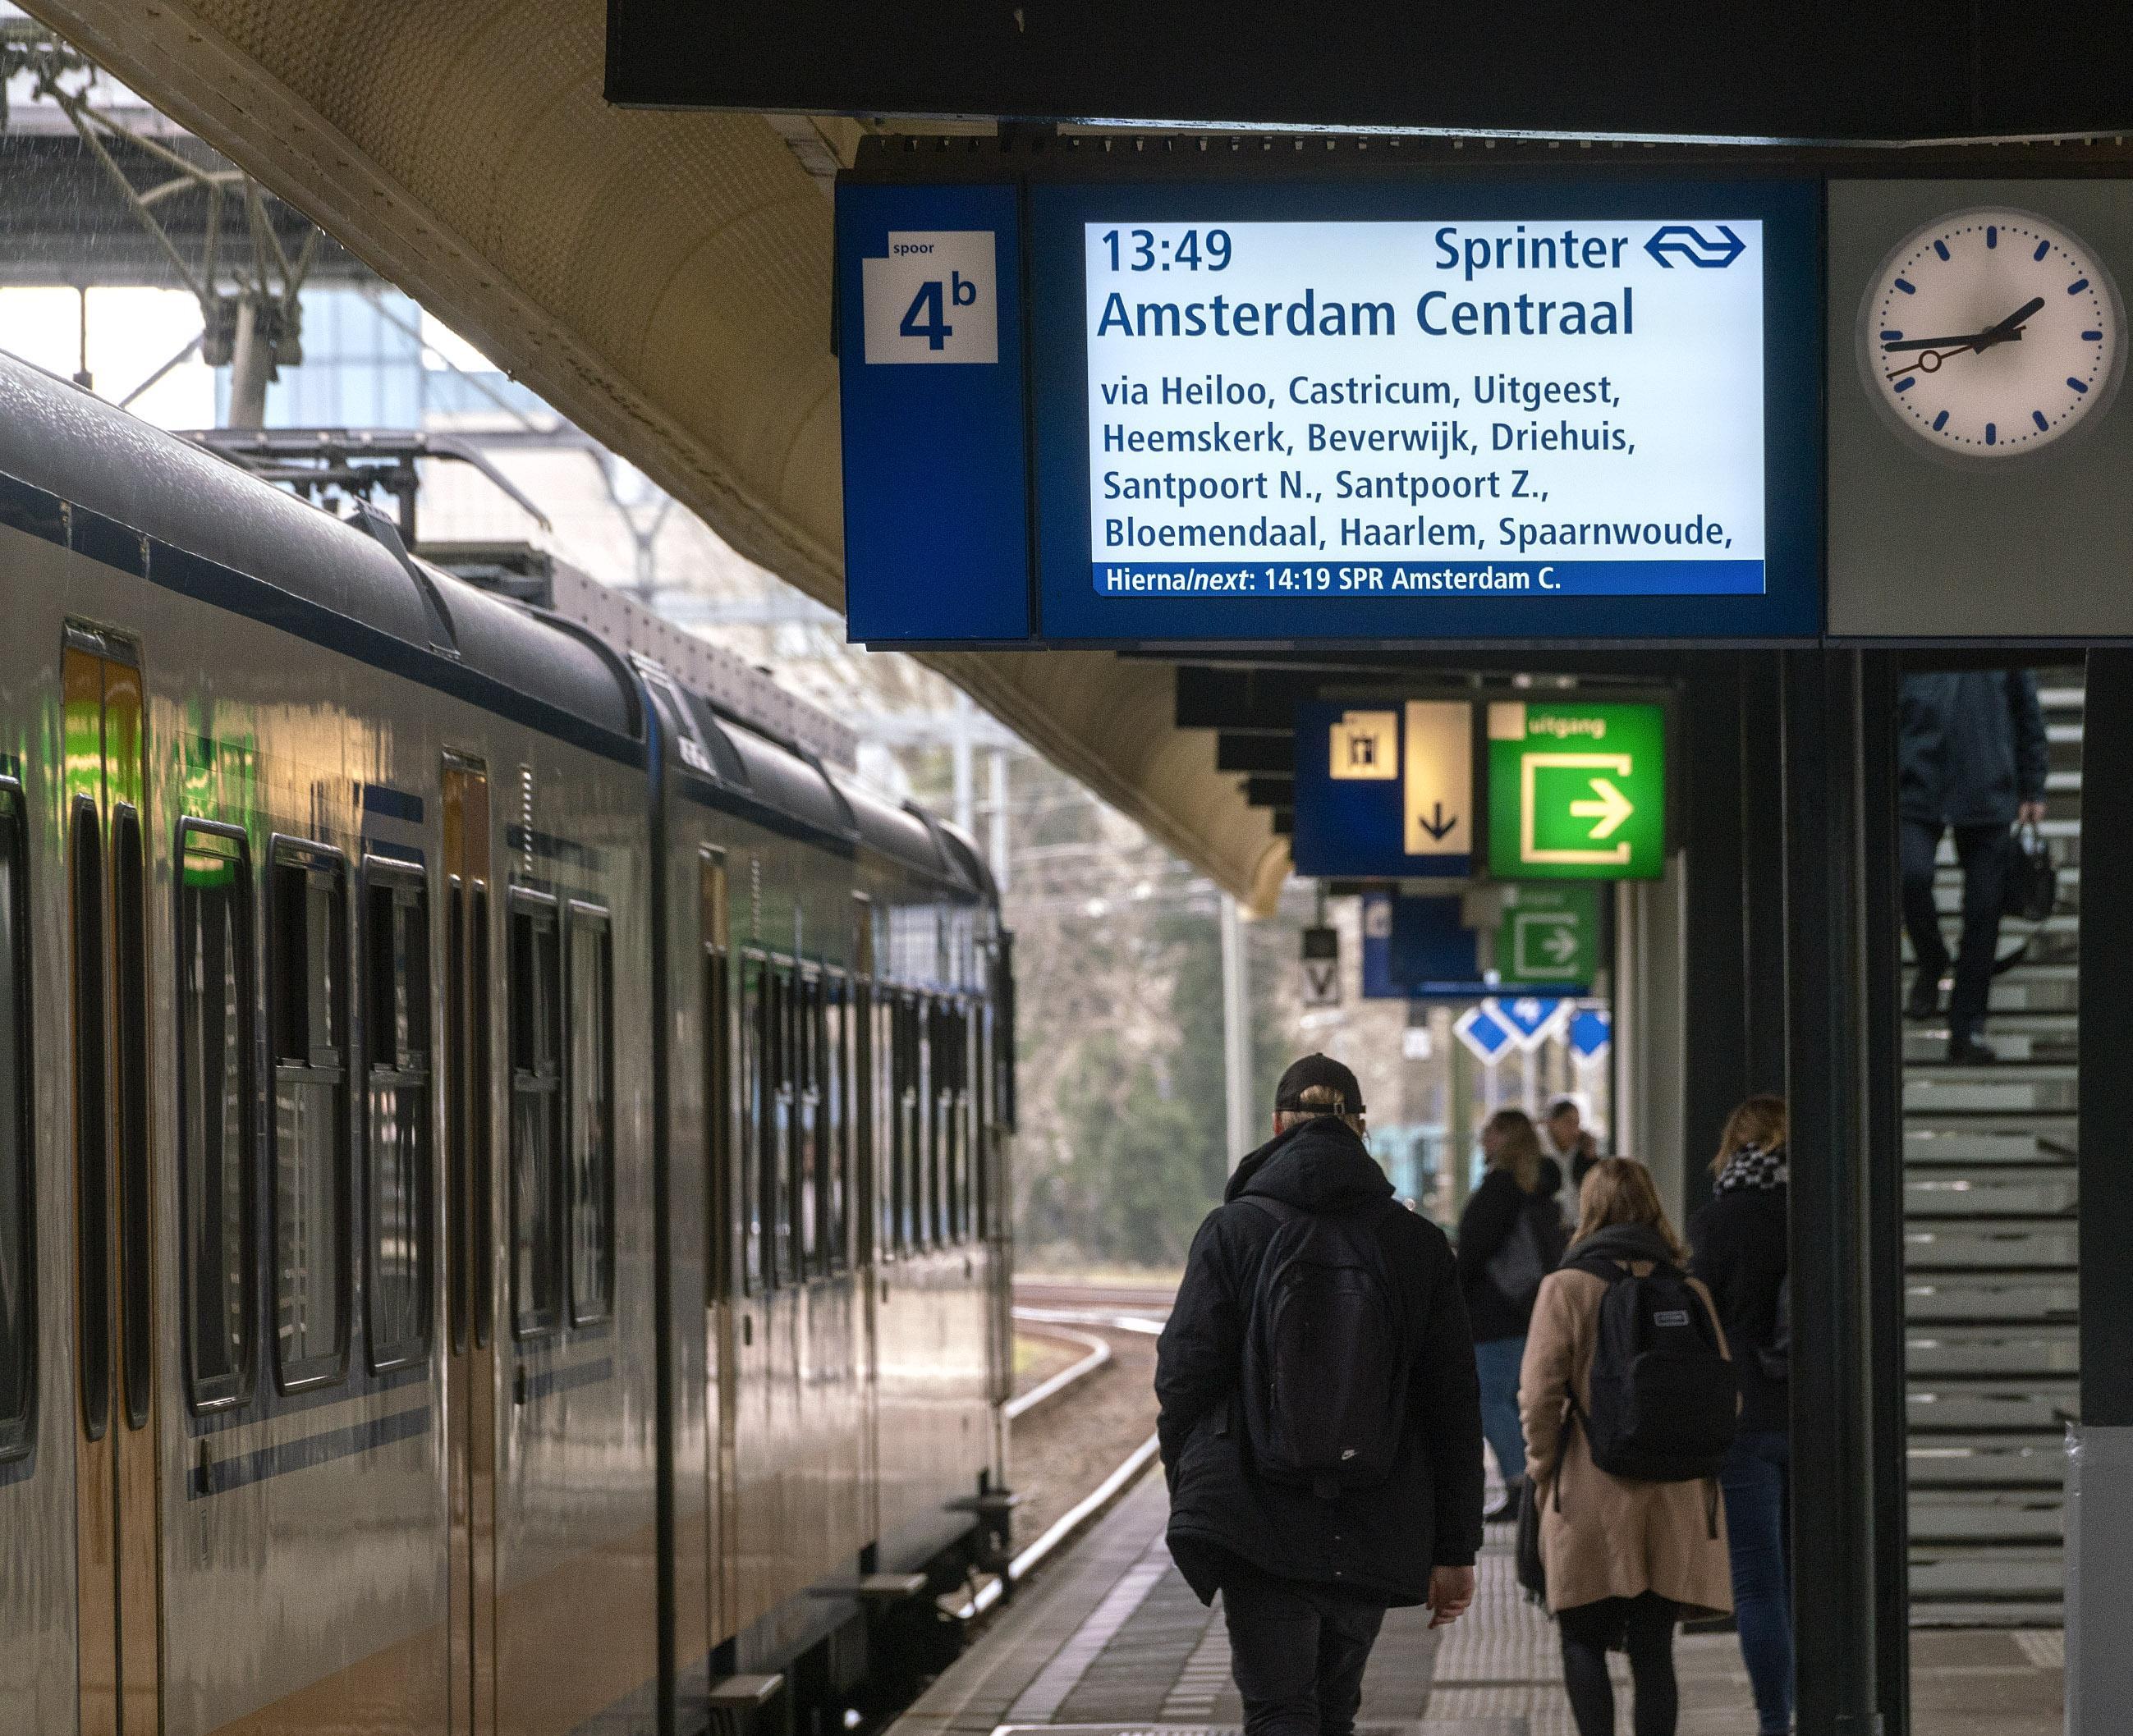 Minister vindt de treinverbinding van Alkmaar via Haarlem naar Den Haag verder prima zo, zegt ze op vragen van Kamerlid en treinreiziger Rudmer Heerema